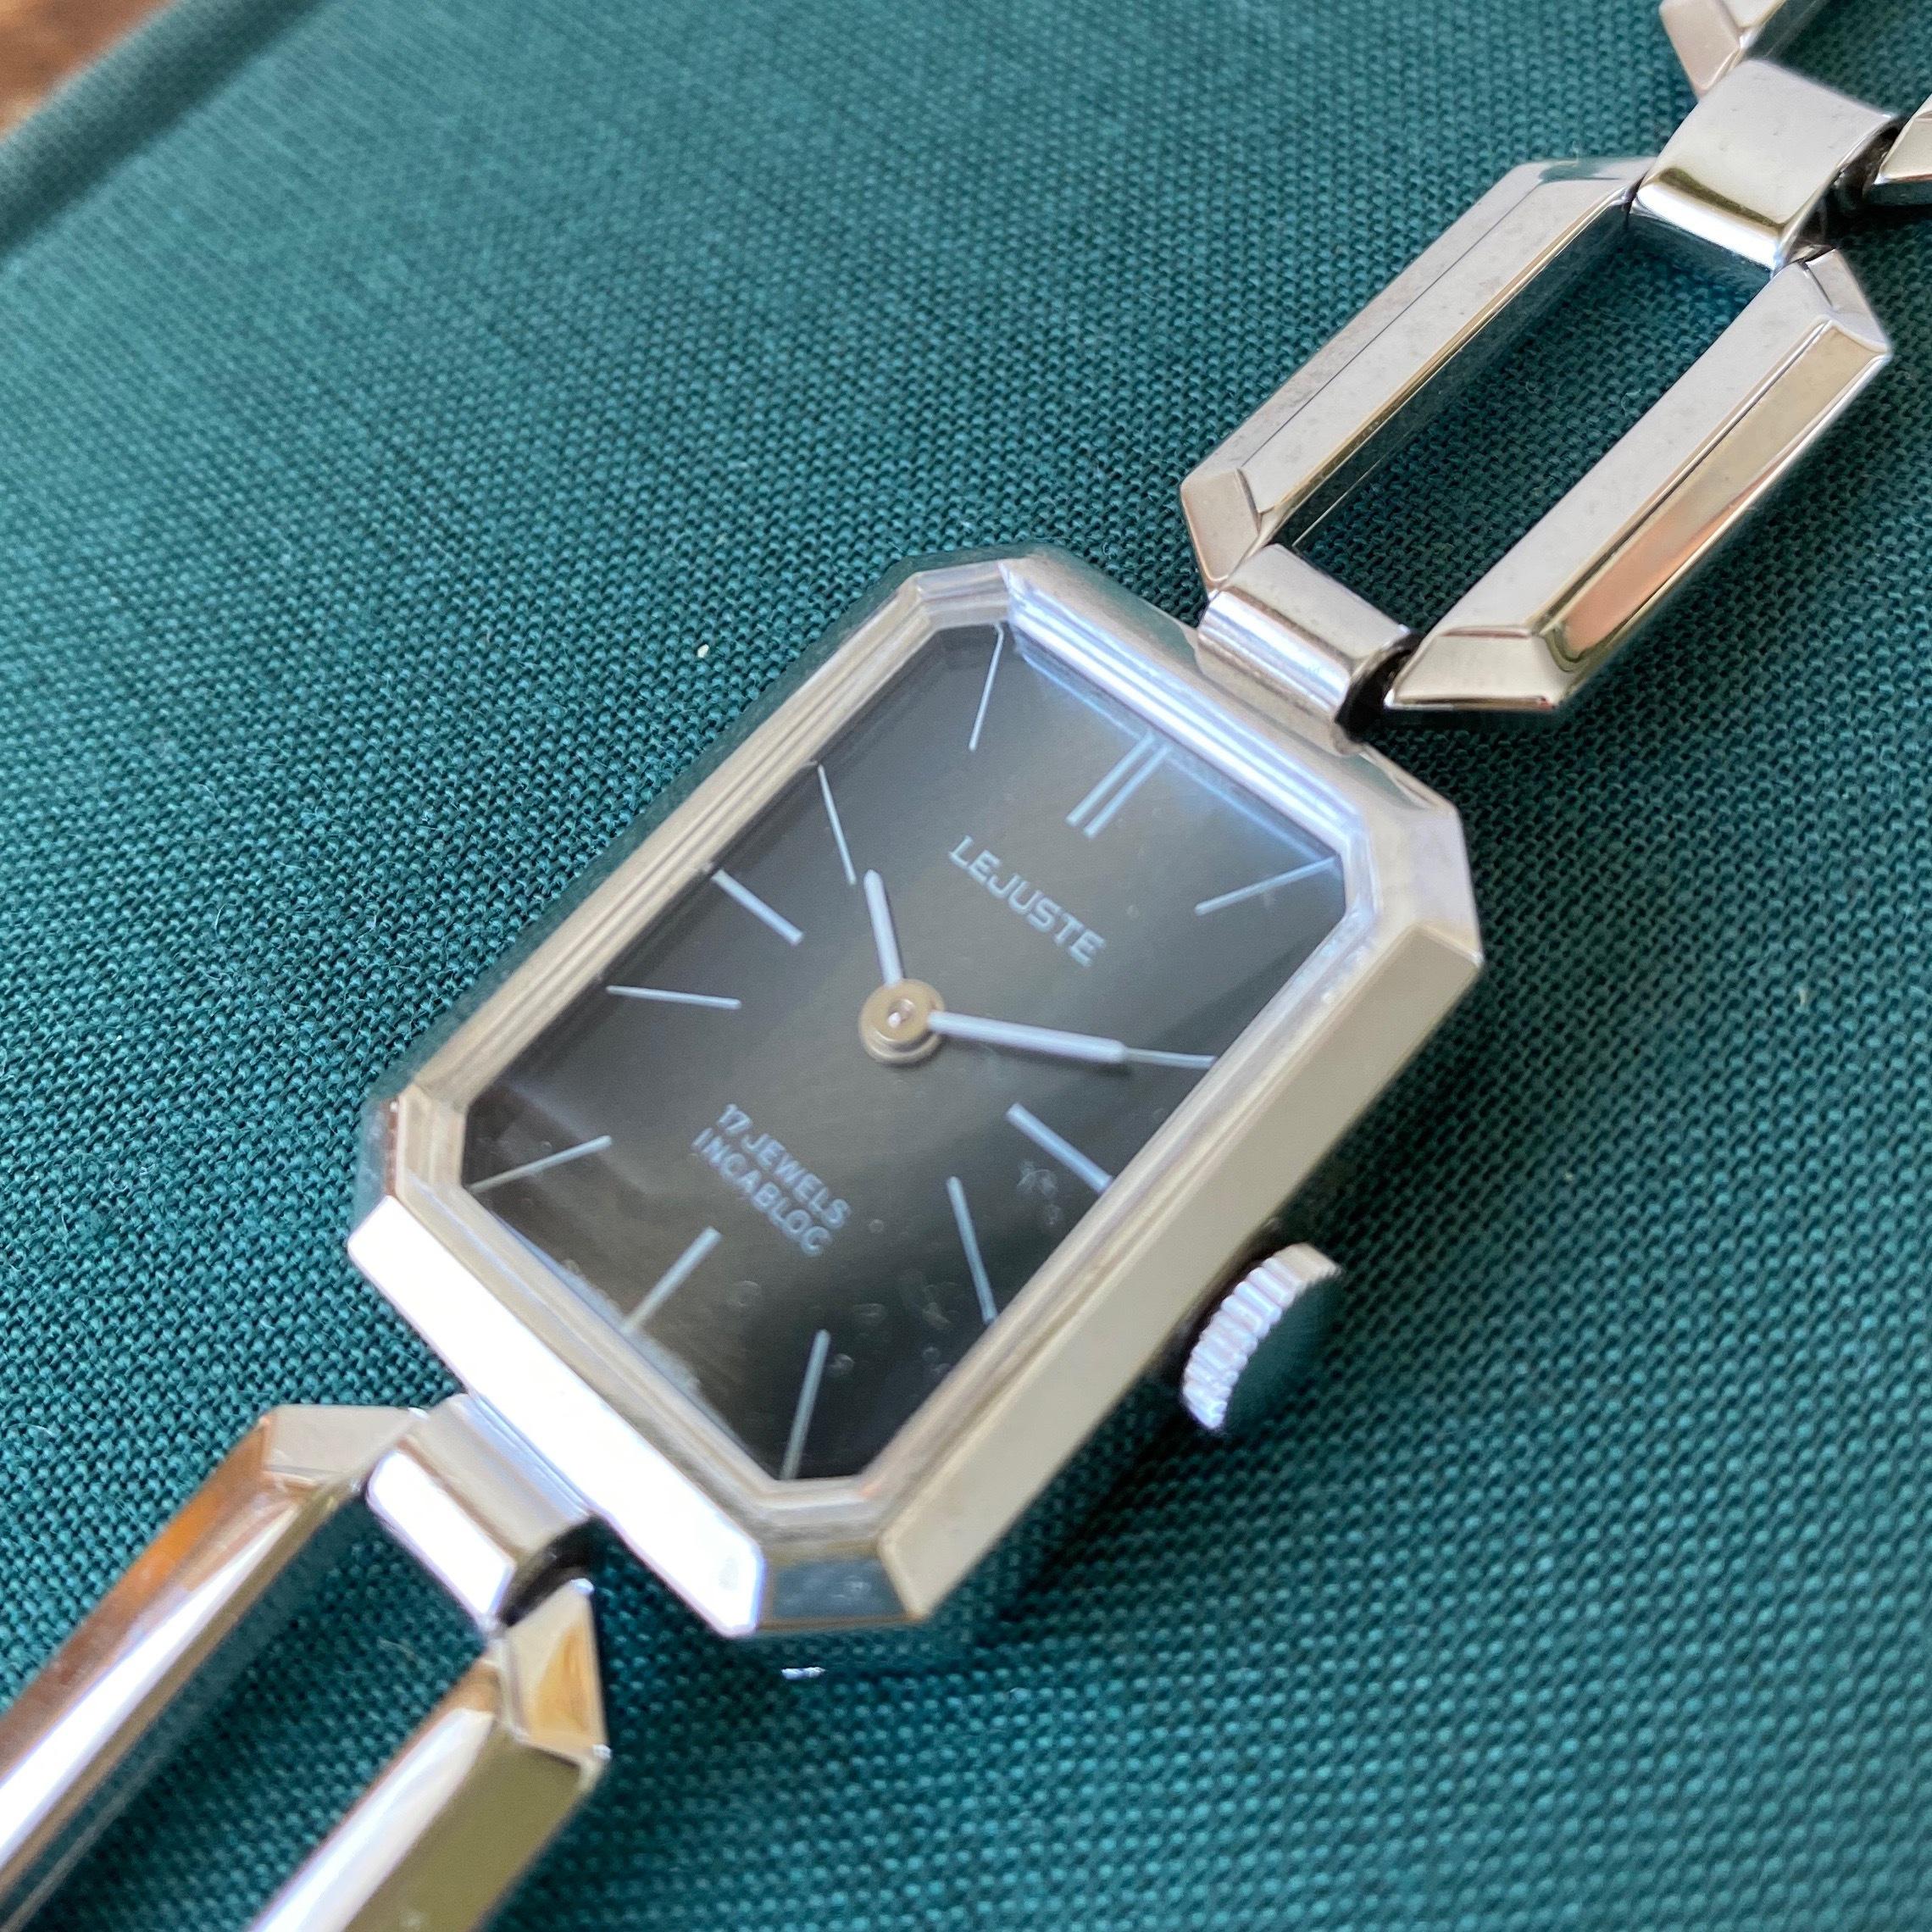 Swiss1960年代手巻き式腕時計(ブルーグレイ・スクエア) / ac0045